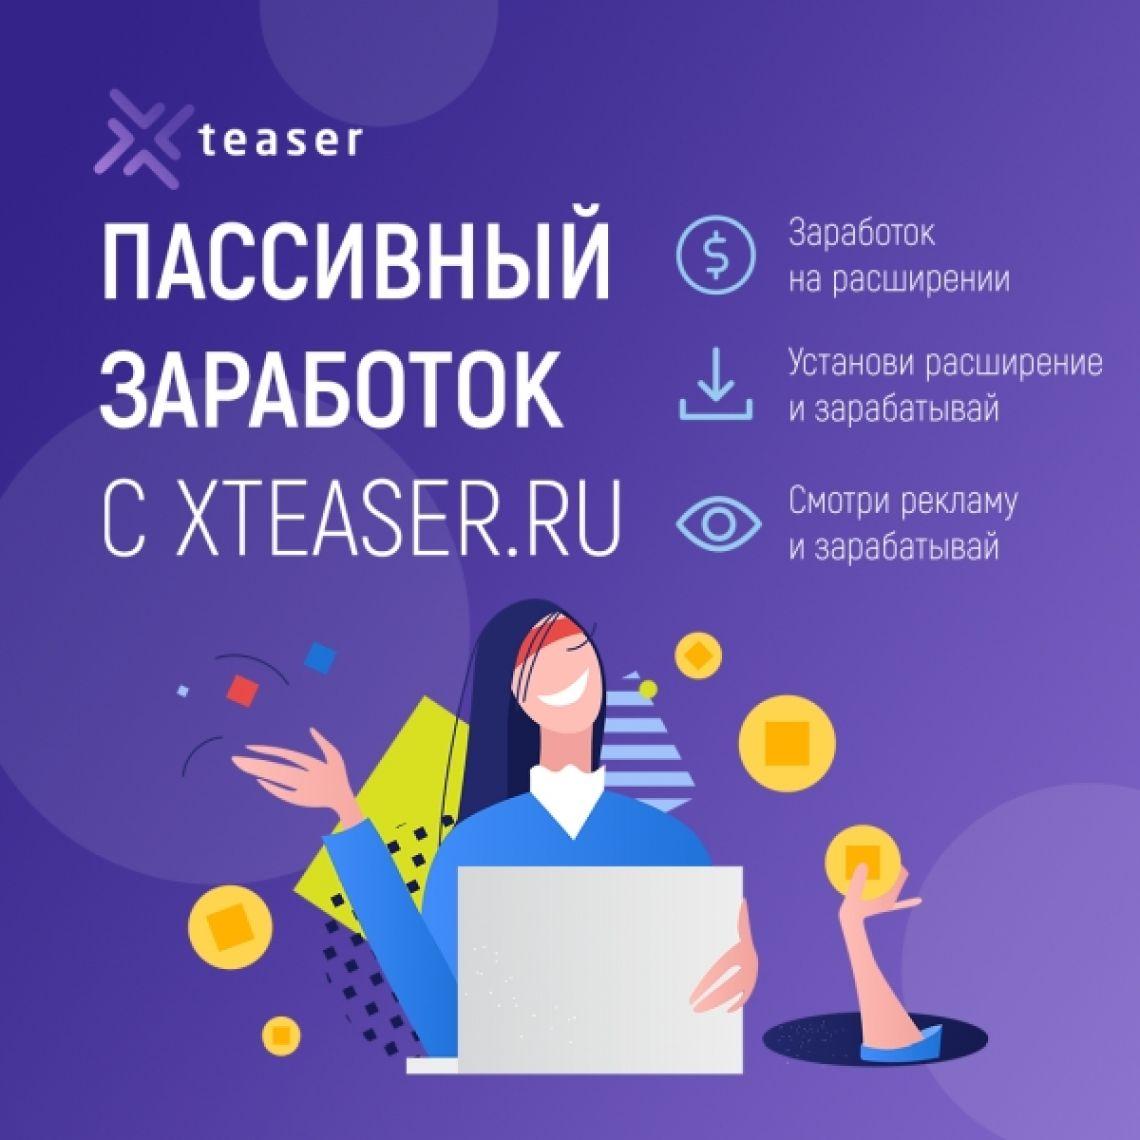 XTEASER - Сервис рекламы! https://xteaser.ru/u/?ref=1003